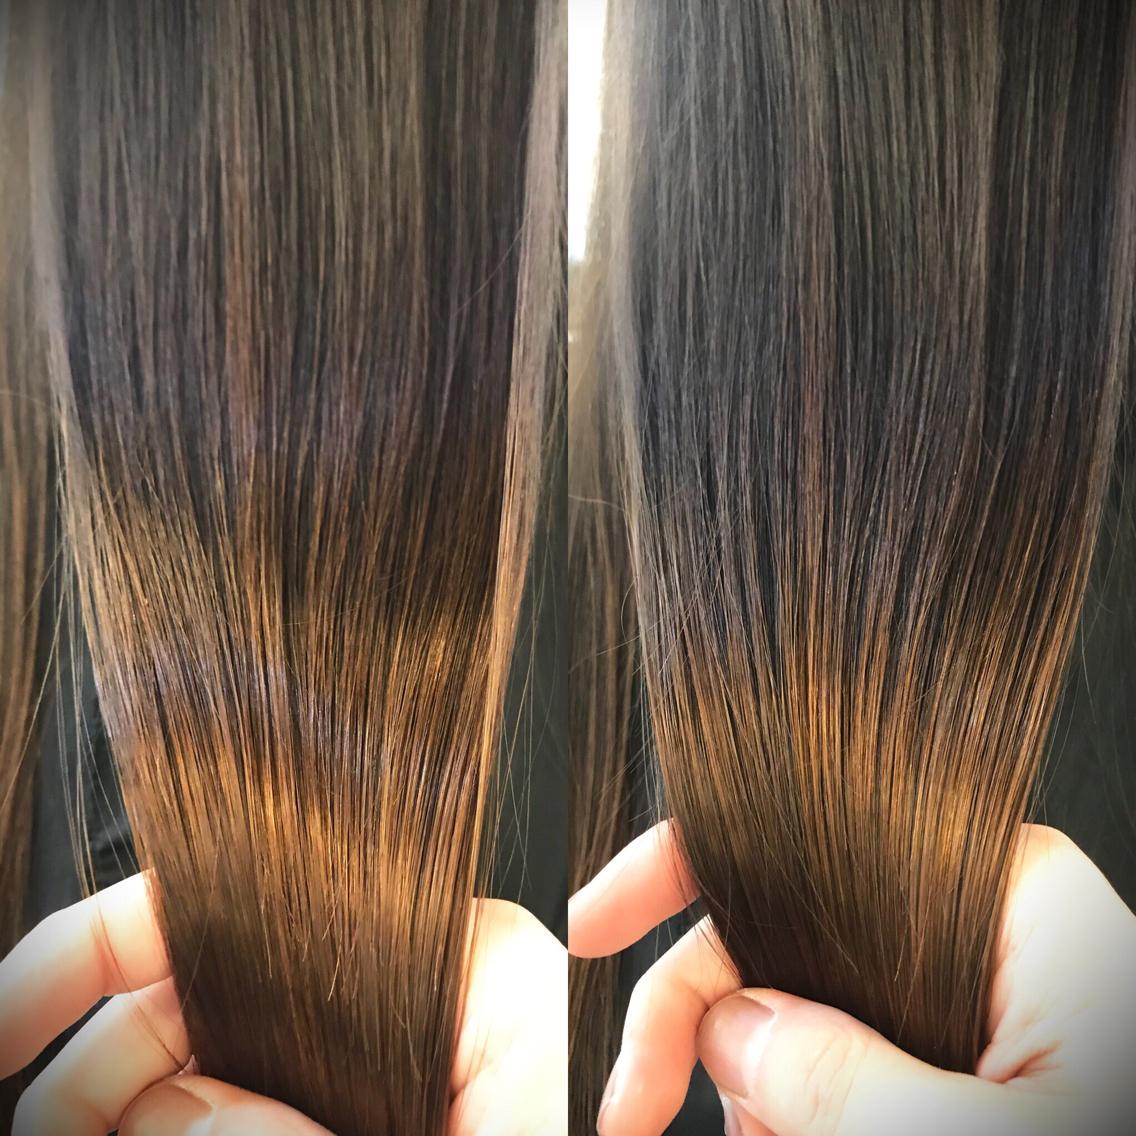 #ロング ラメラメトリートメント+メンテナンスカット✨ かなりダメージ、引っ掛かりが気になる髪でも 指通りの良いツヤツヤで綺麗な髪に仕上げます(^O^) 写真はドライのみでアイロンはしていません❗️